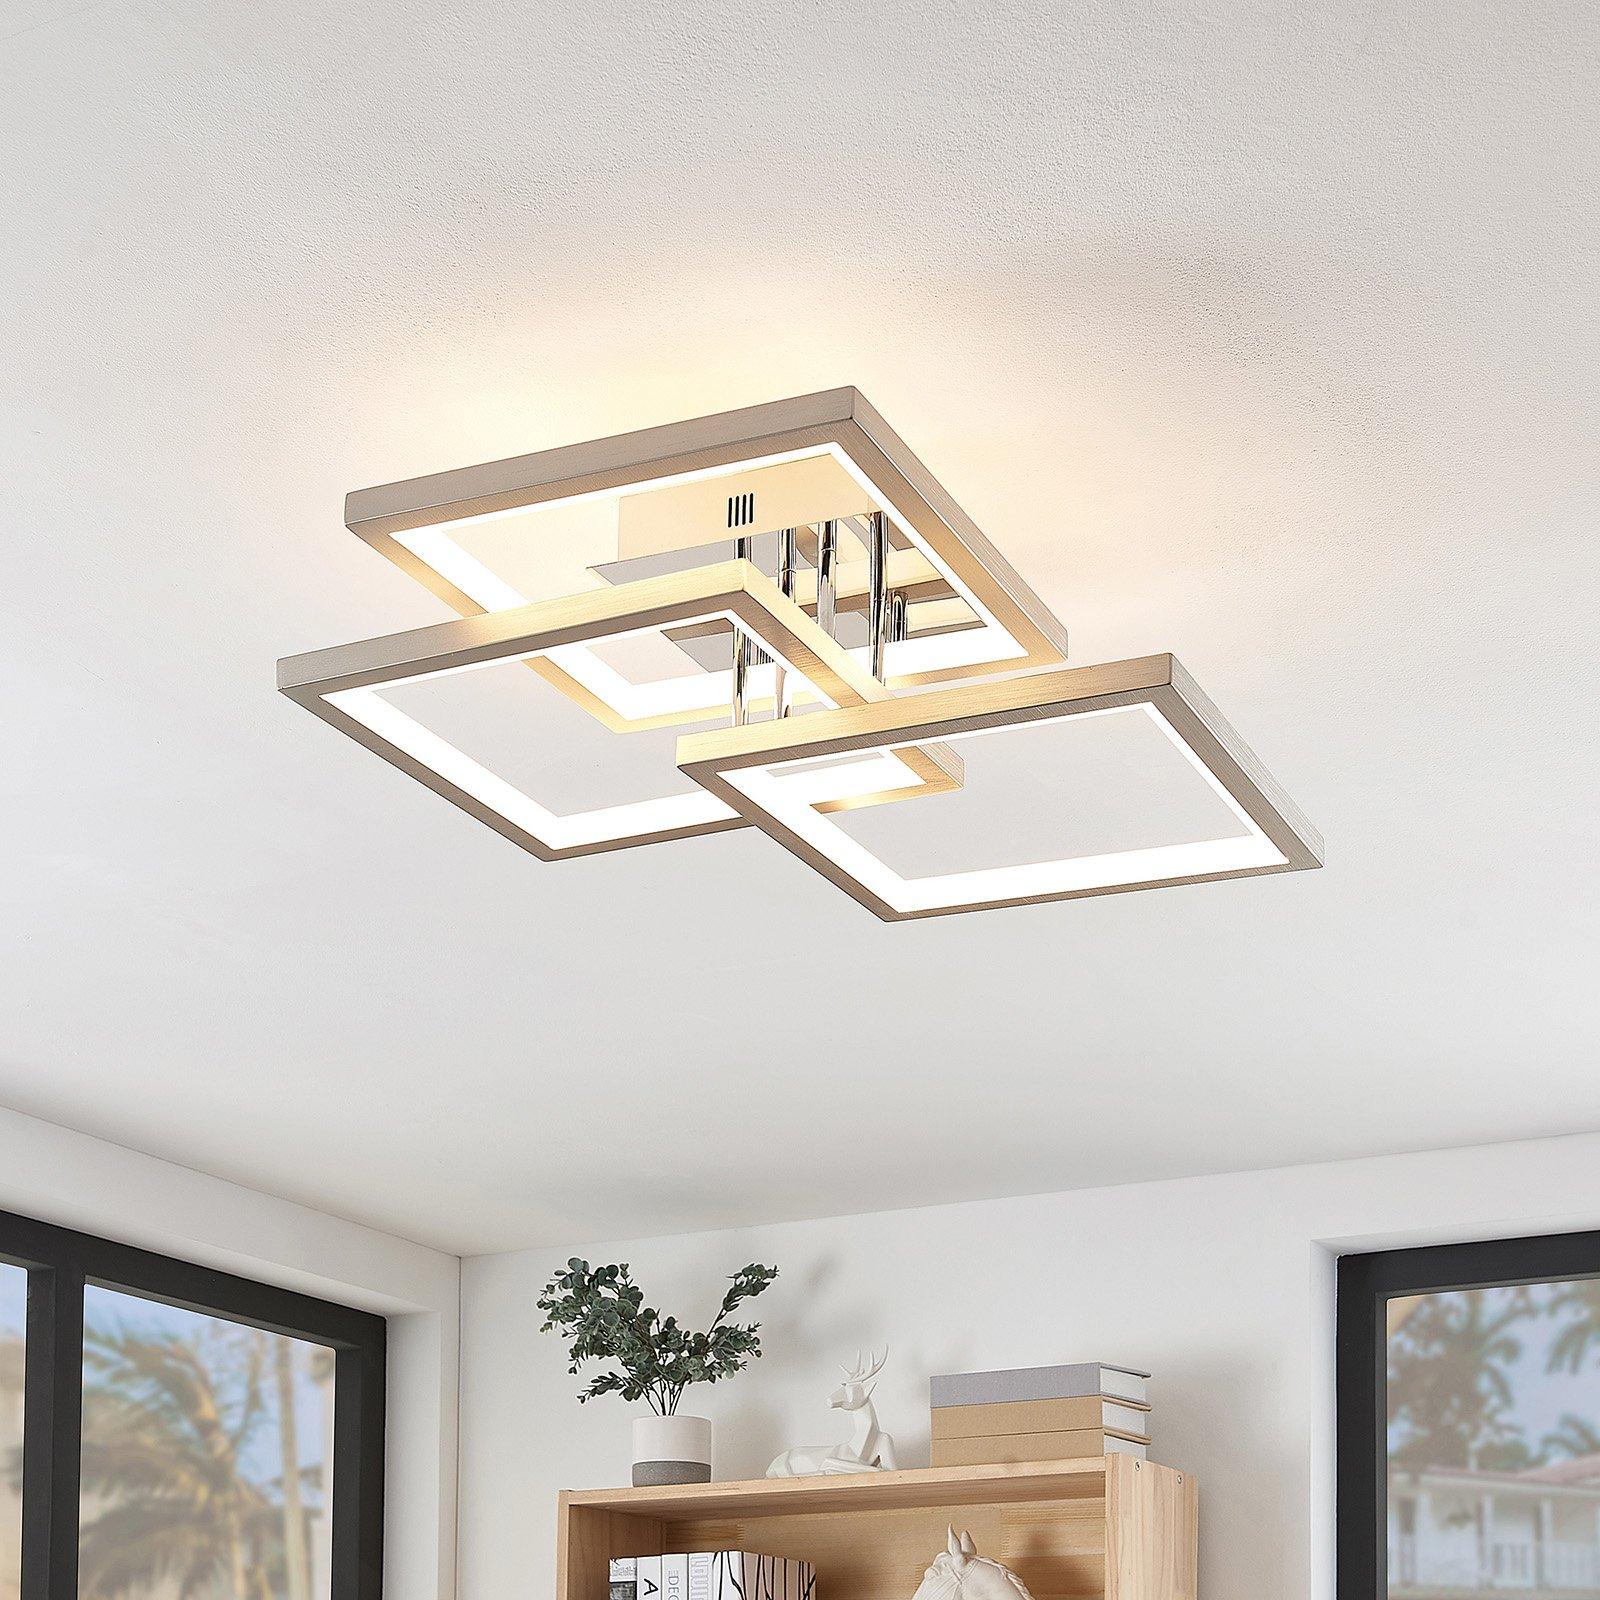 Lucande Avilara LED-taklampe, 57 cm x 57 cm